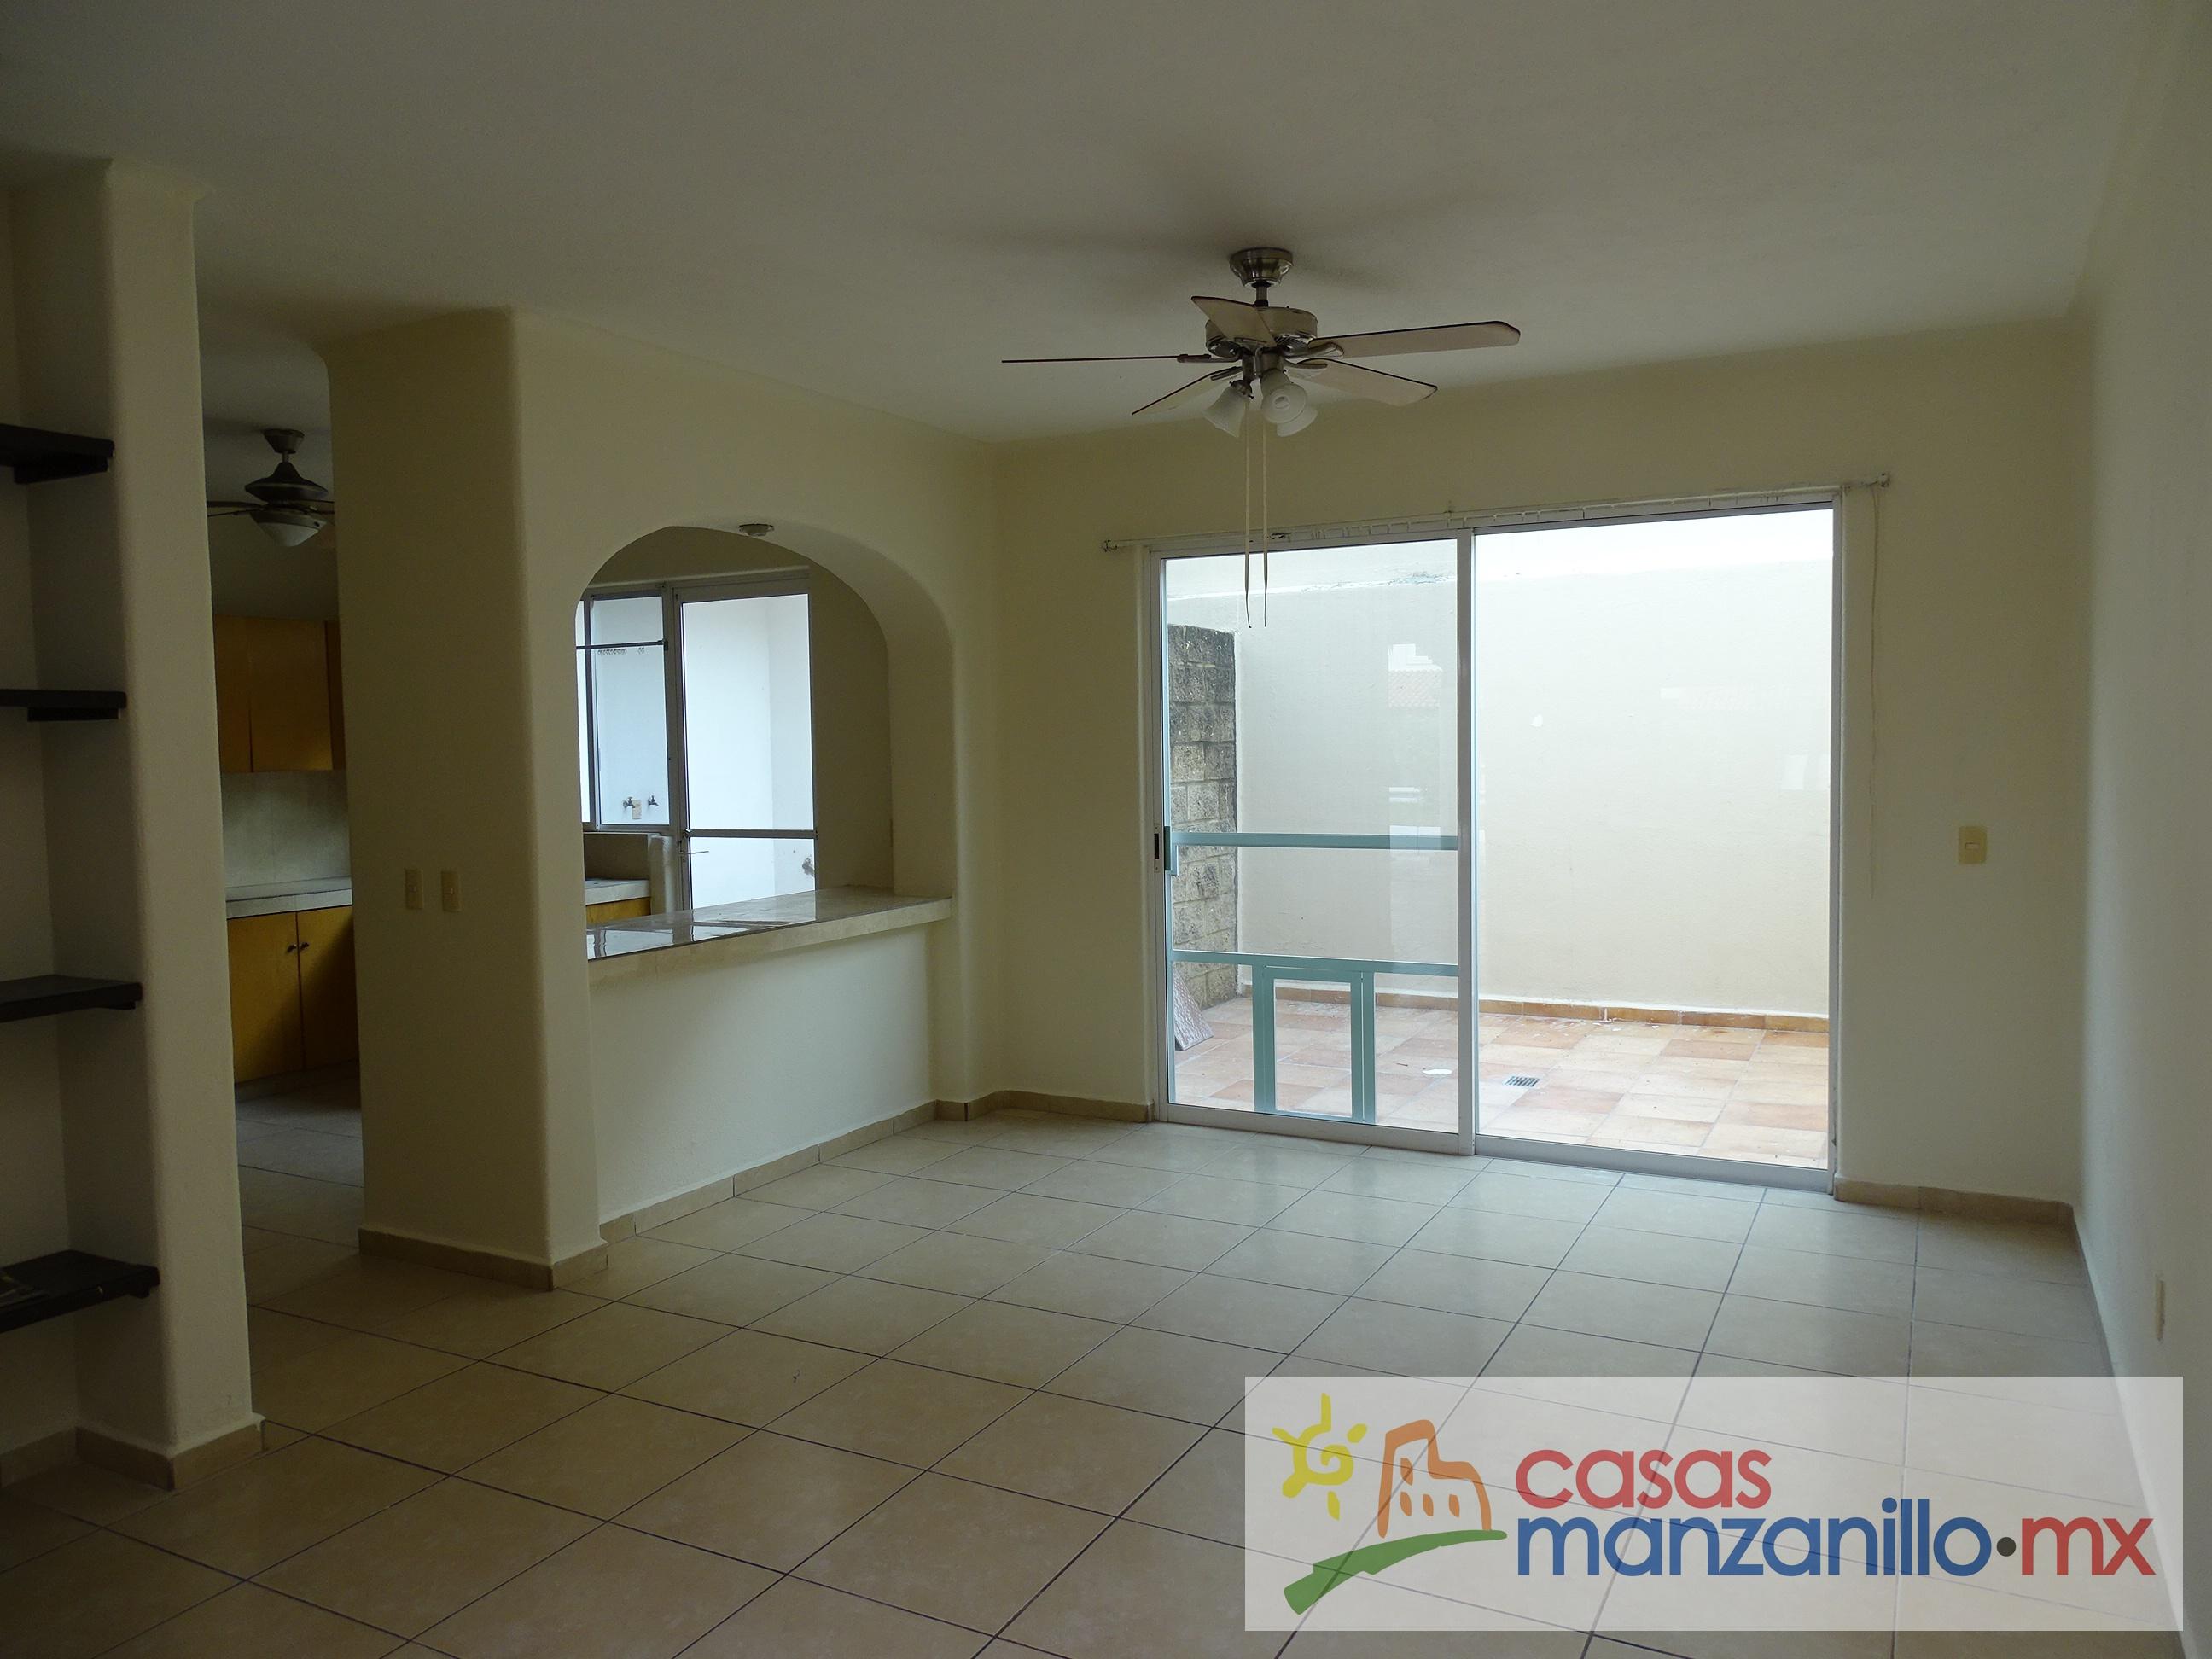 Casa VENTA Manzanillo - Arekas